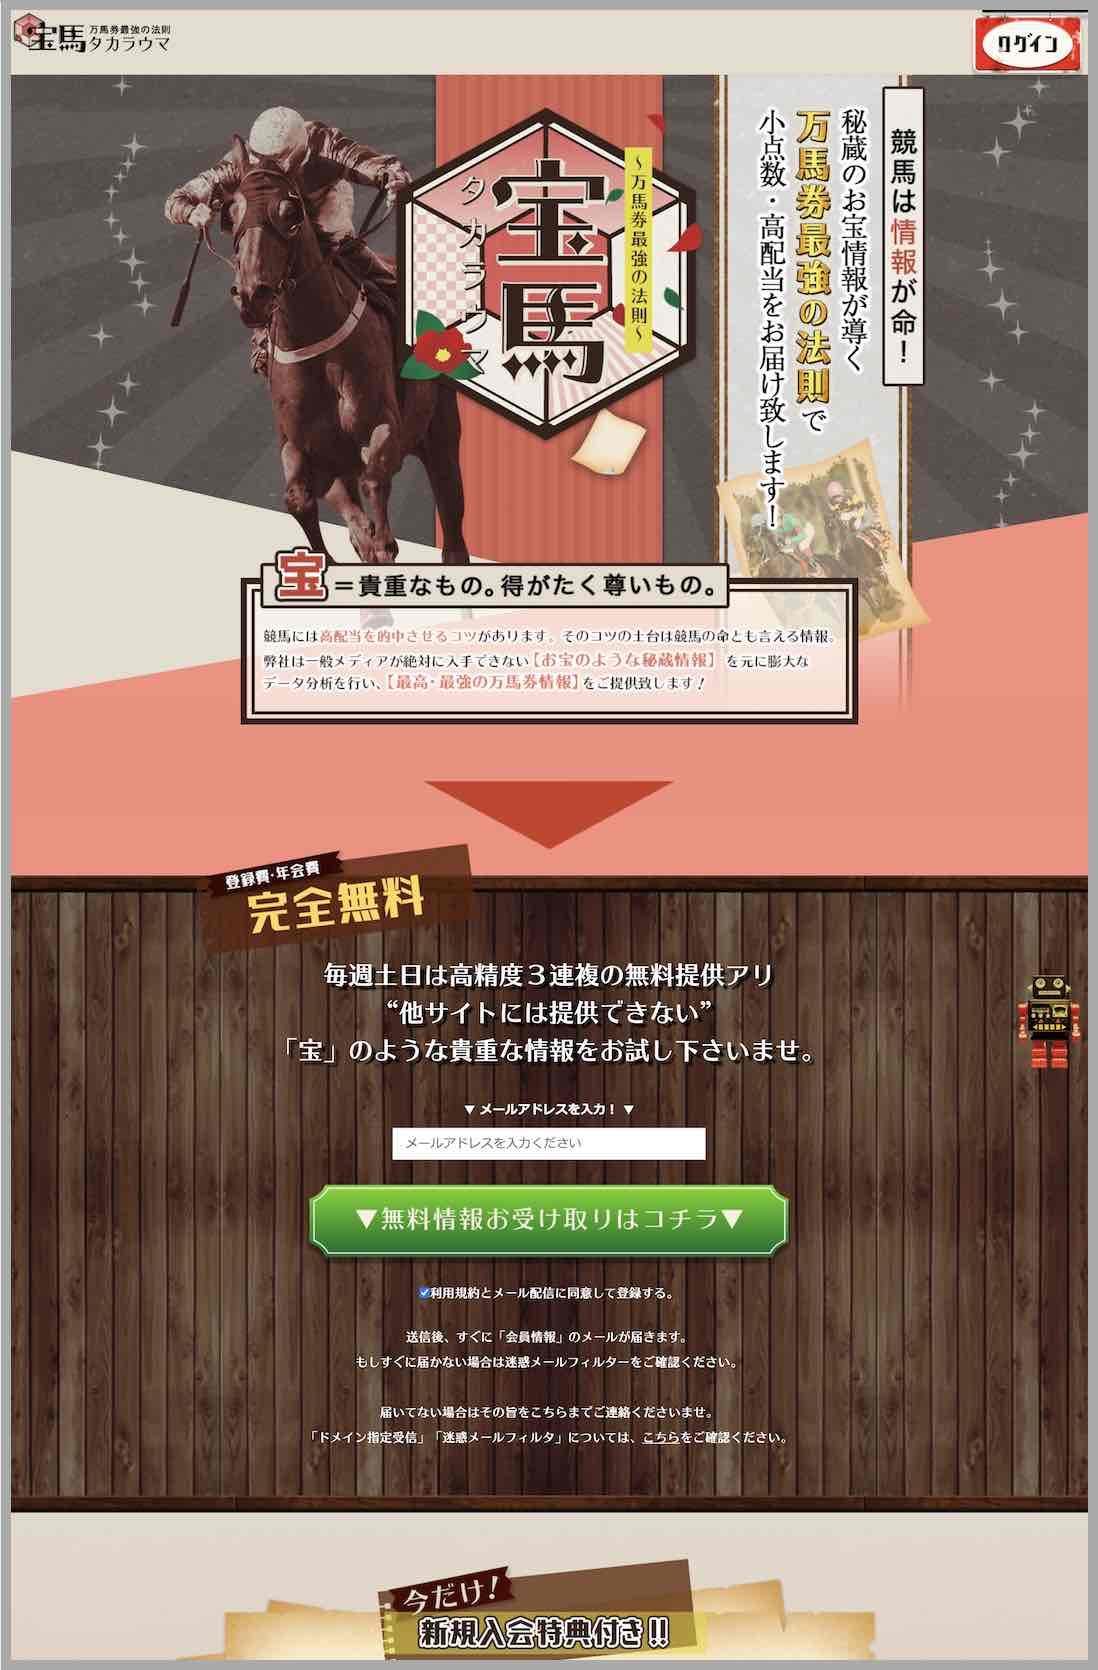 宝馬という競馬予想サイトの非会員ページ